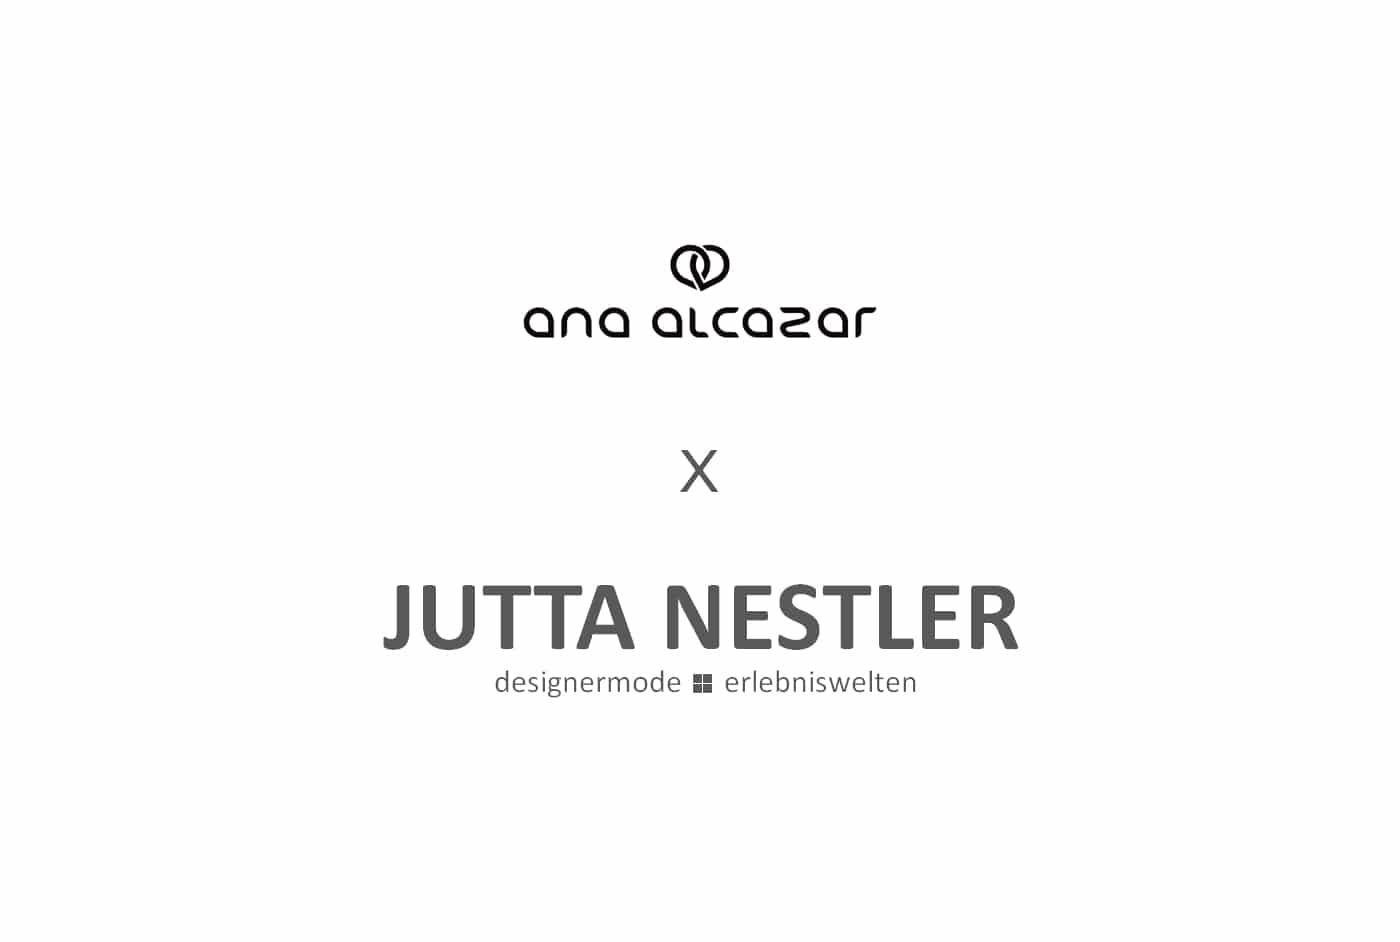 Jutta Nestler stellt hier die Frühlingsmode von Ana Alcazar in einem kurzem Video vor.